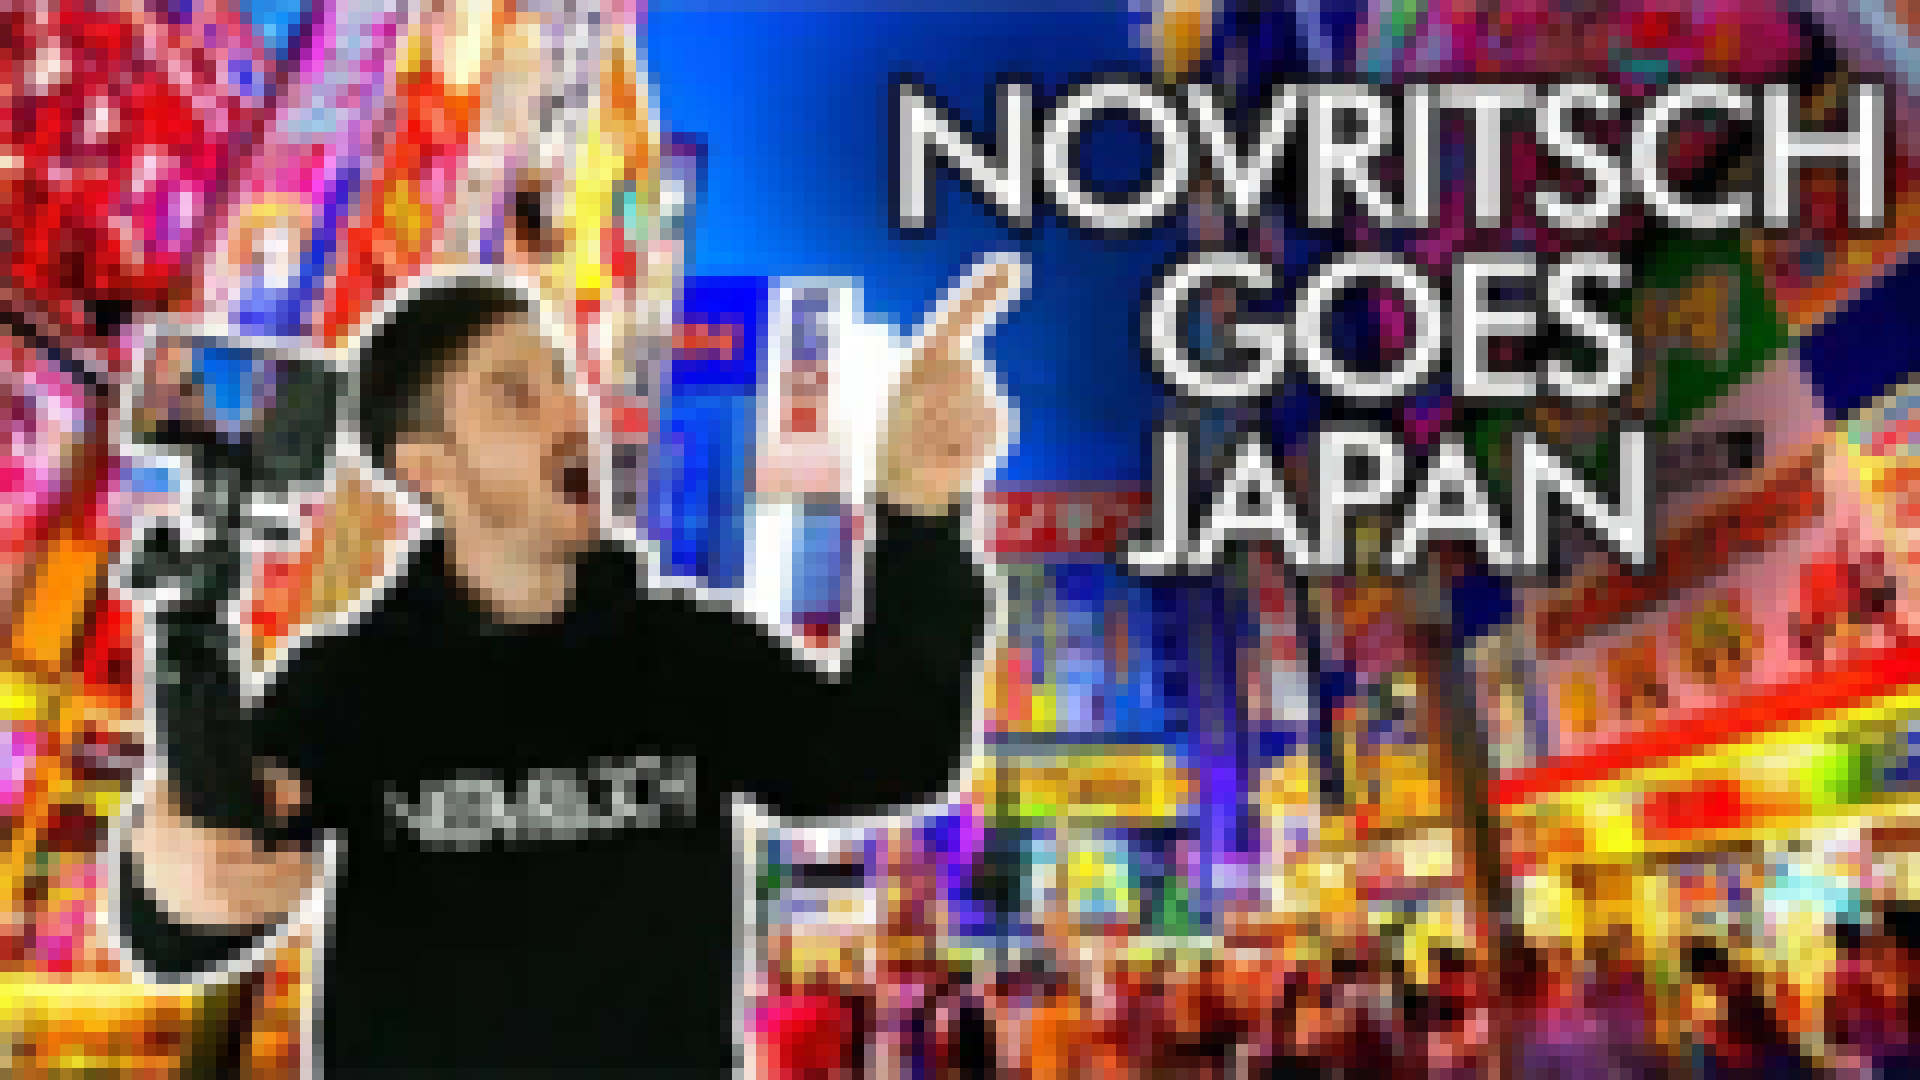 NOVRITSCH 在日本(中文字幕)